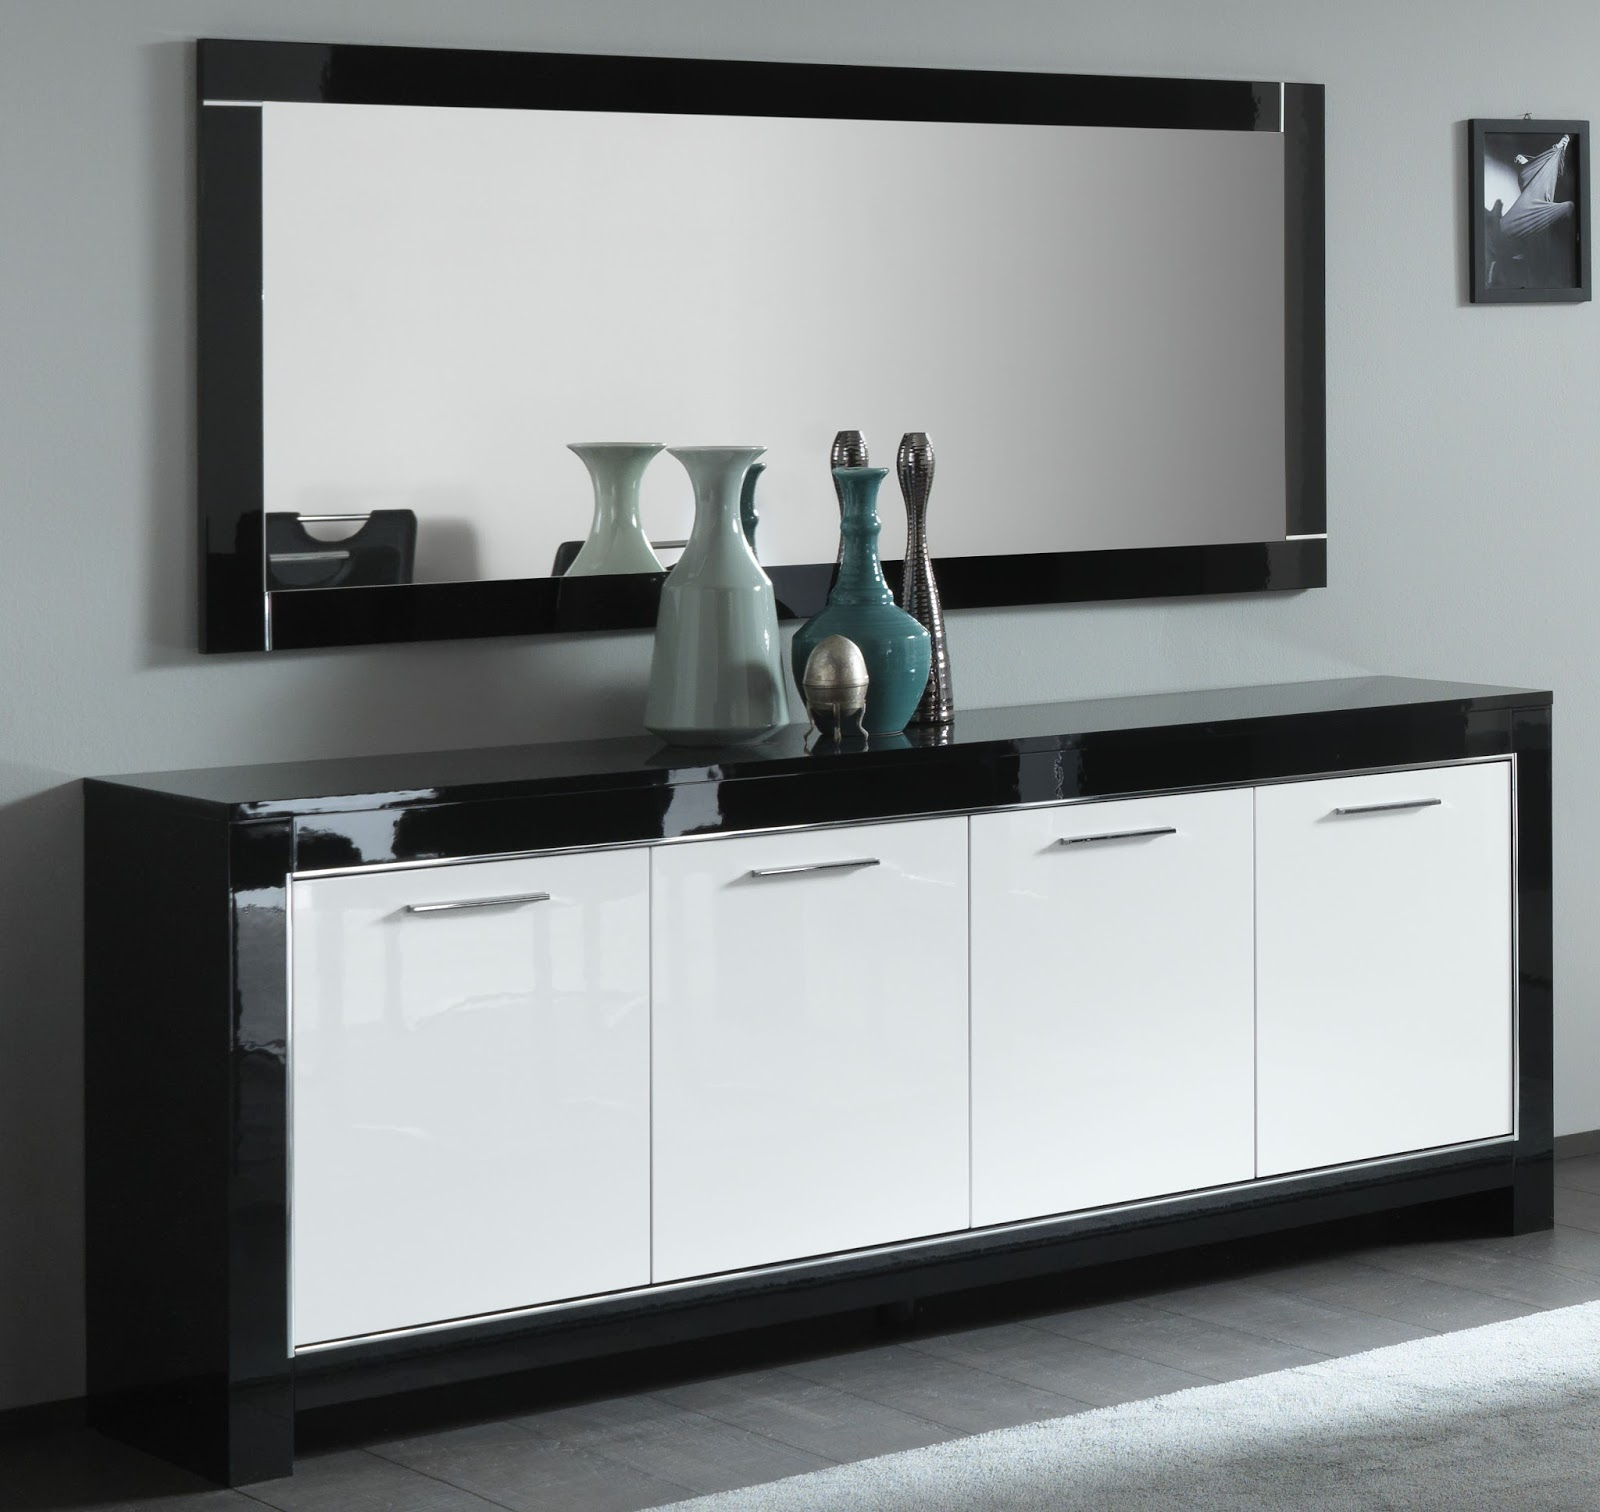 Objet Deco Laque Blanc aux moins chers   meubles et objet d'art et décoration à bas